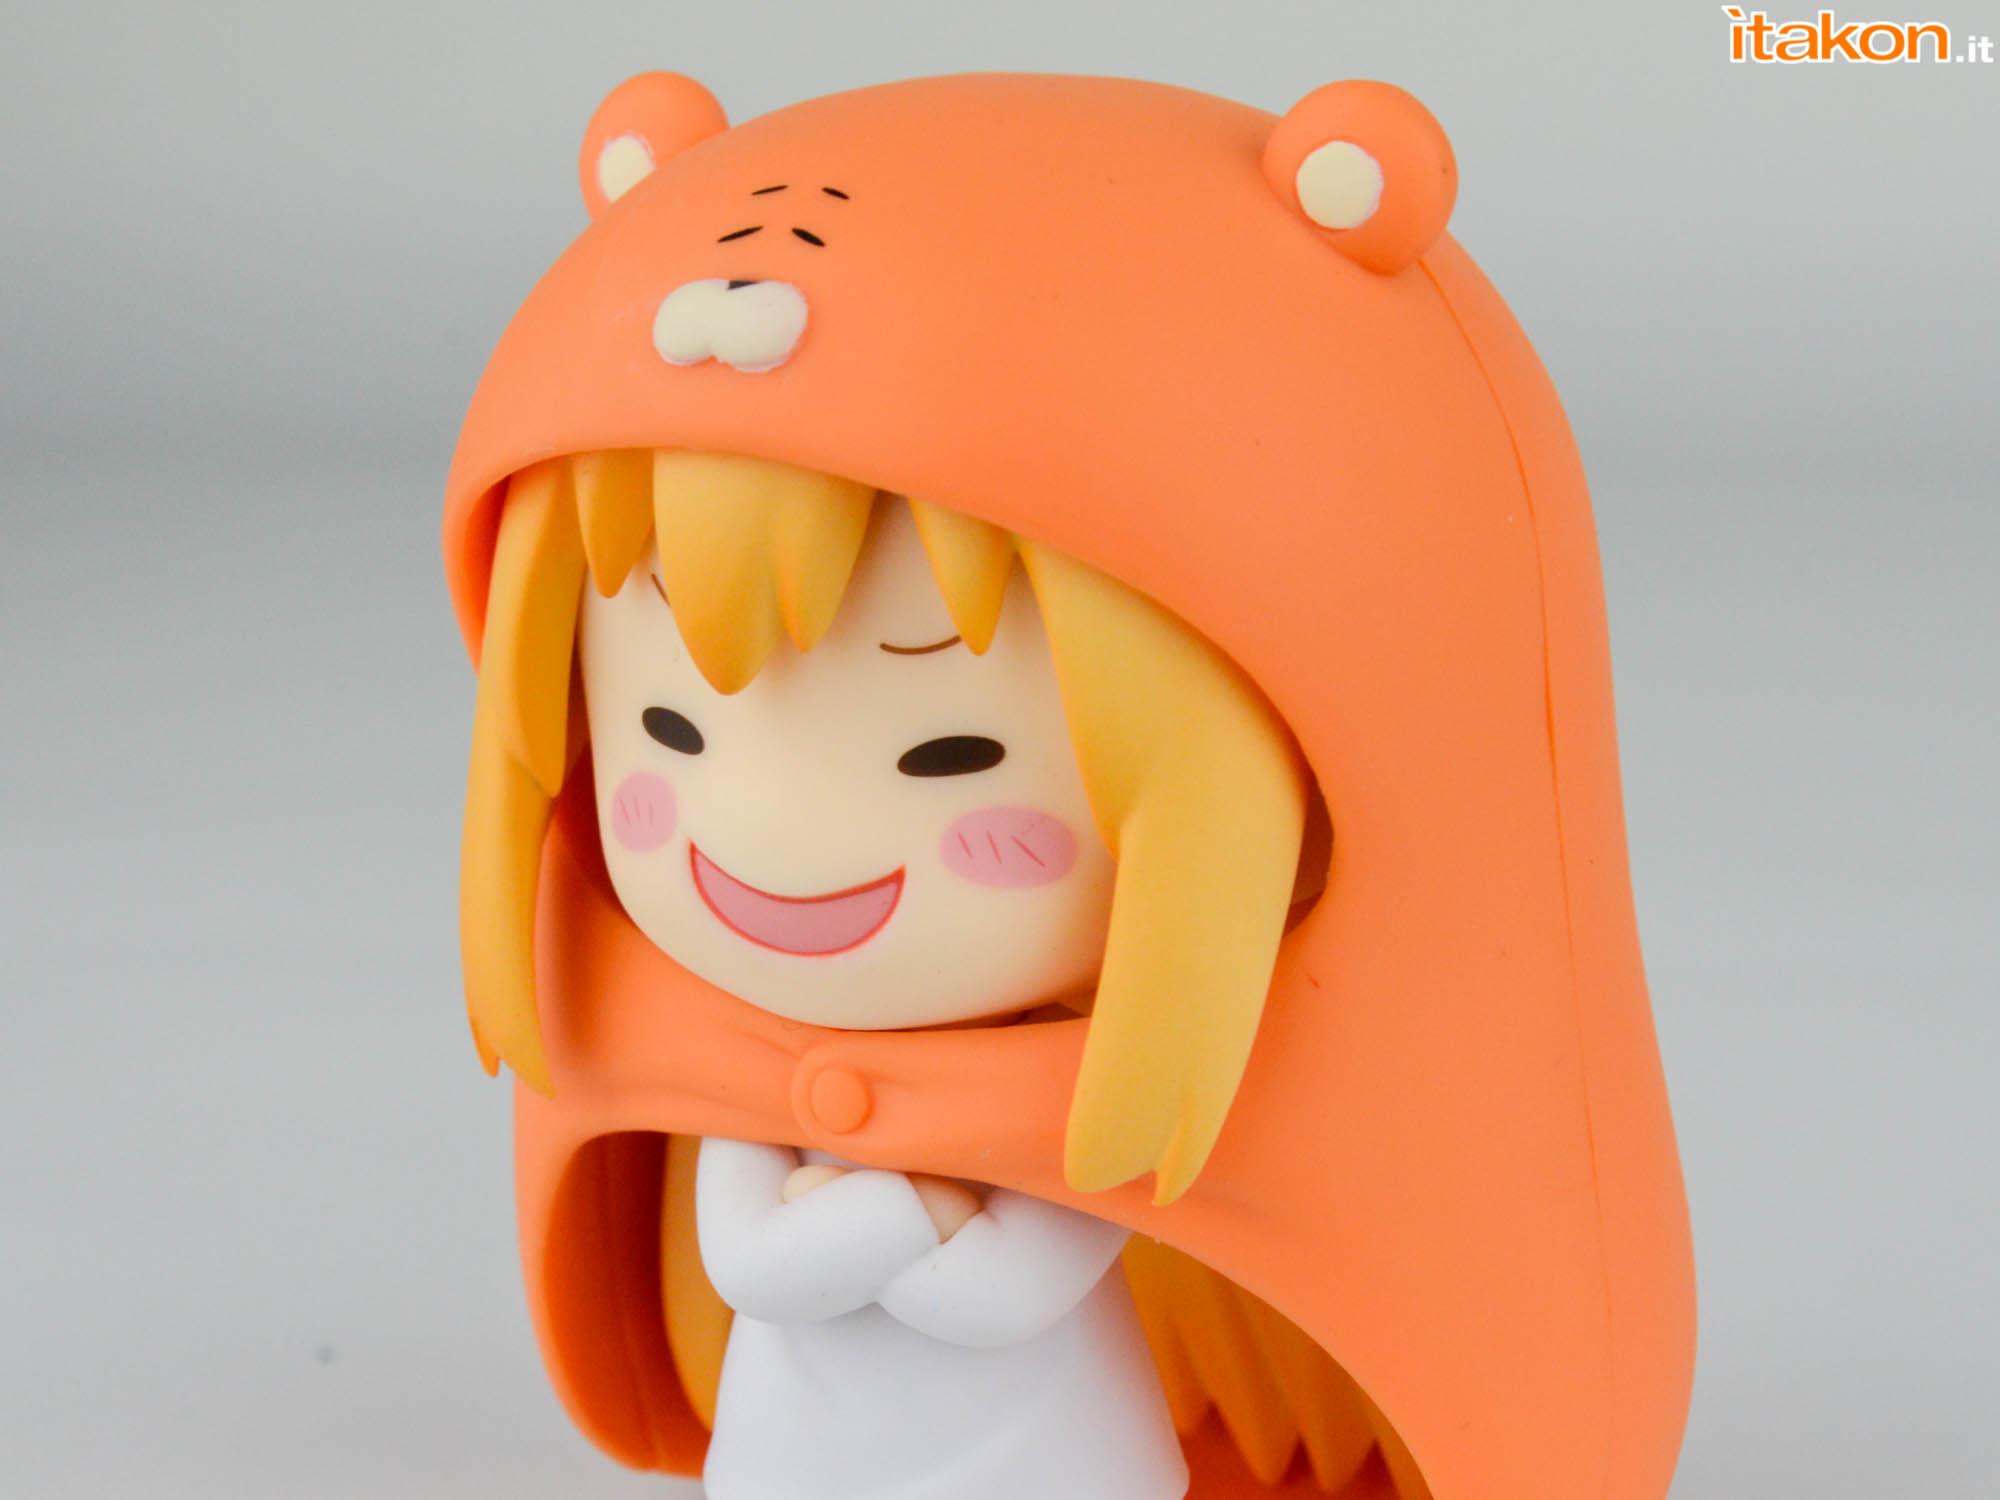 Umaru_Nendoroid_GSC_524_review-31